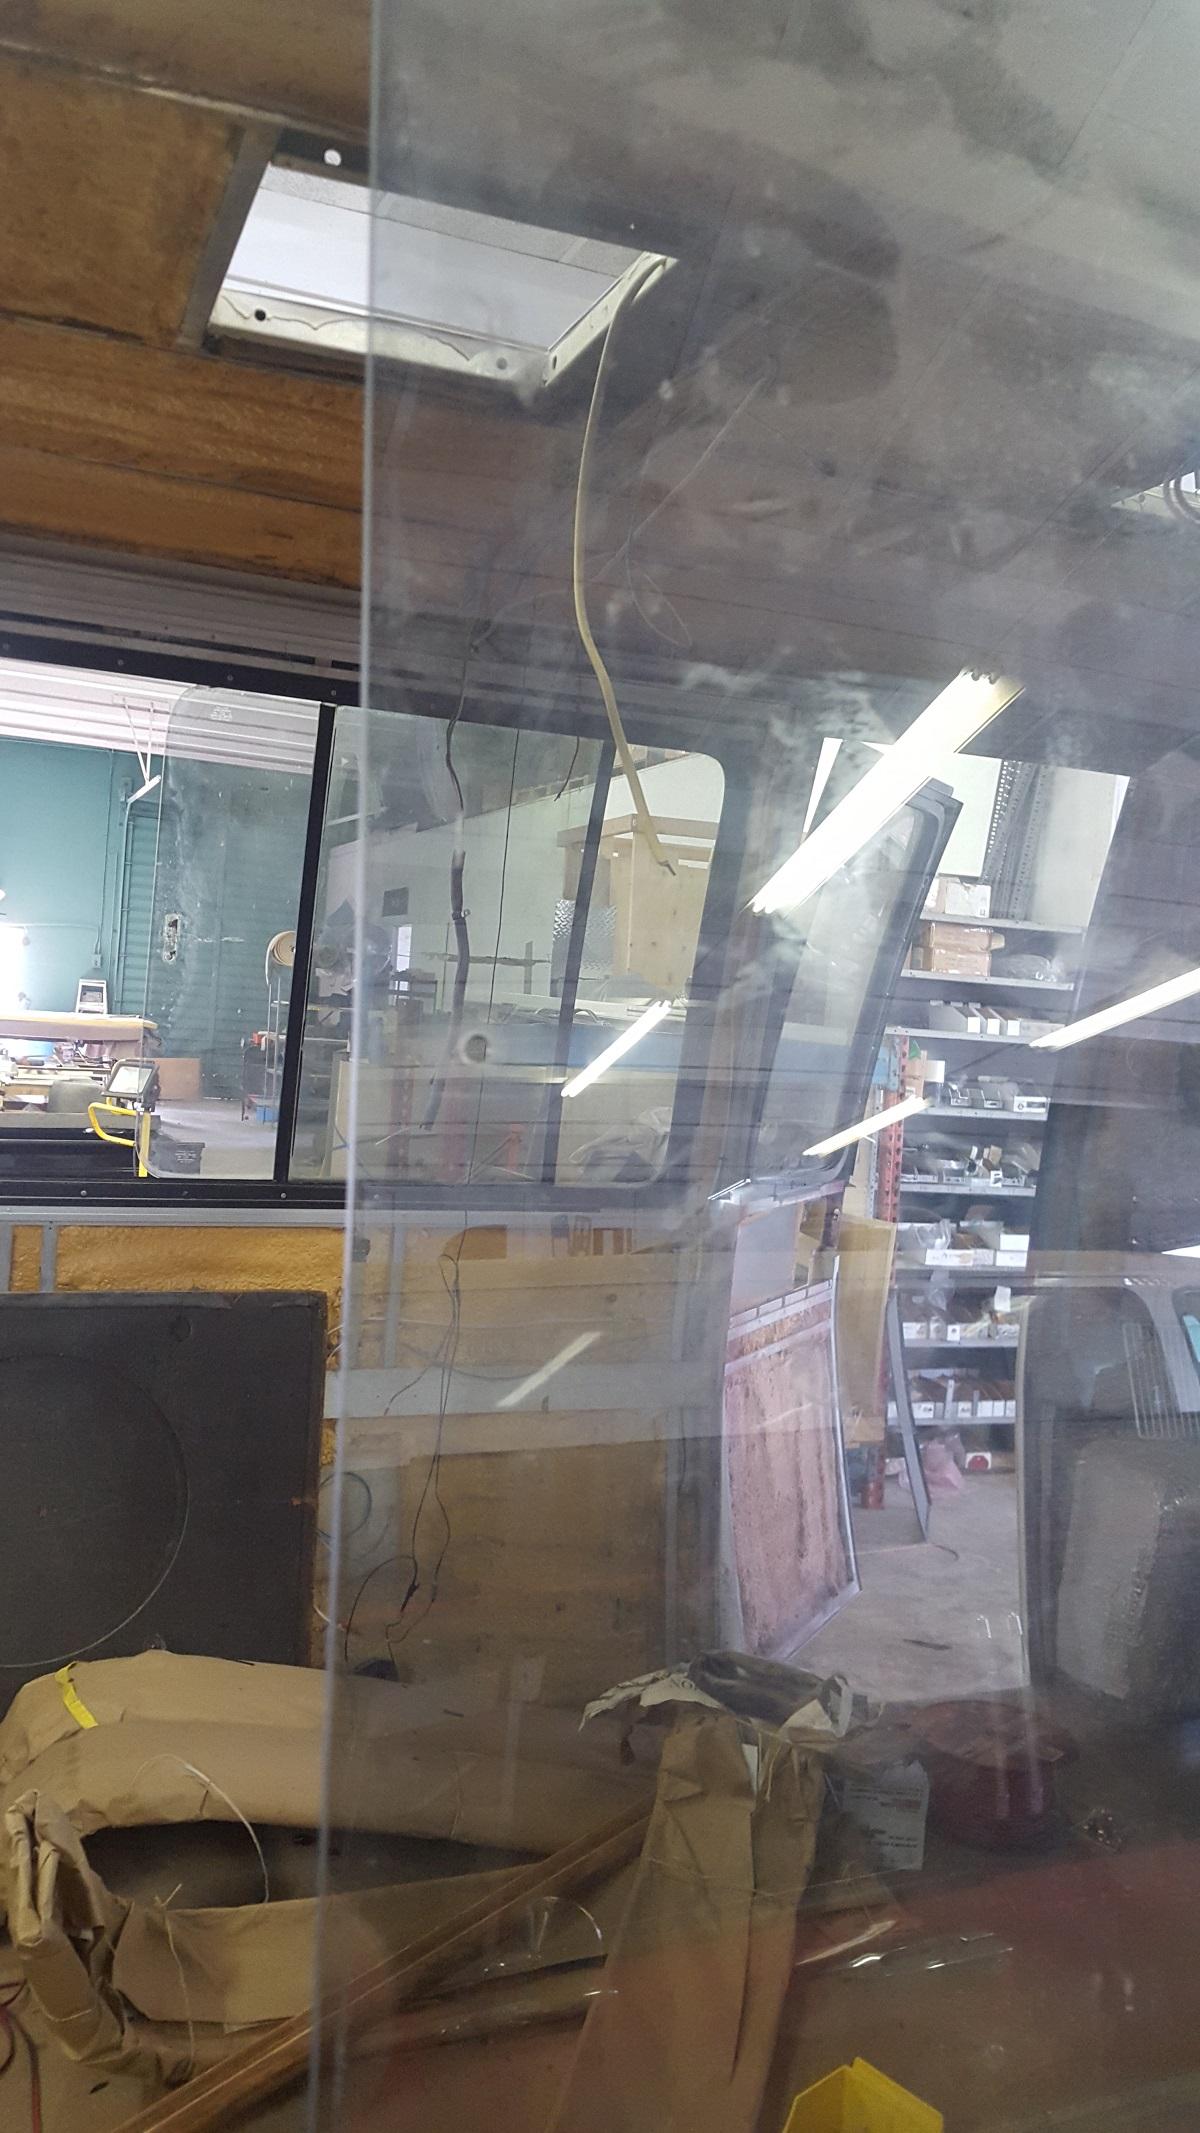 cedric windows 21